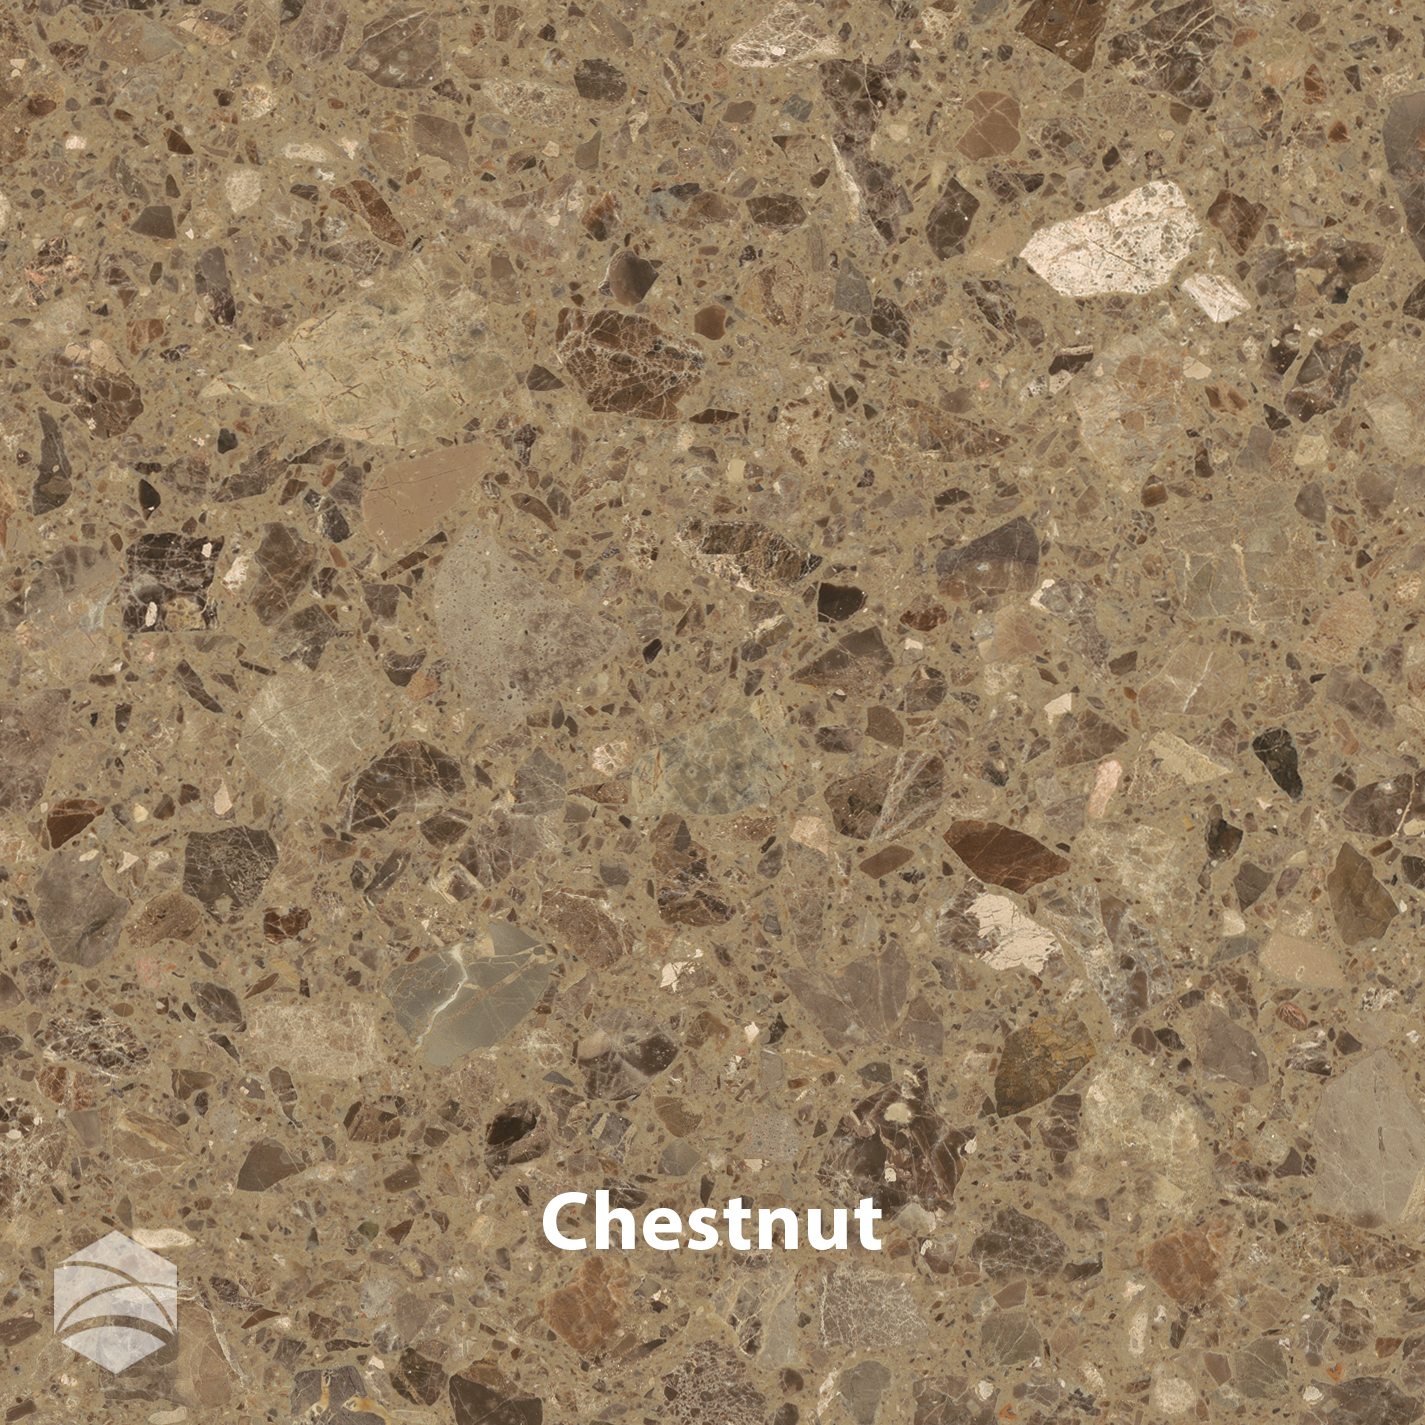 Chestnut_V2_14x14.jpg